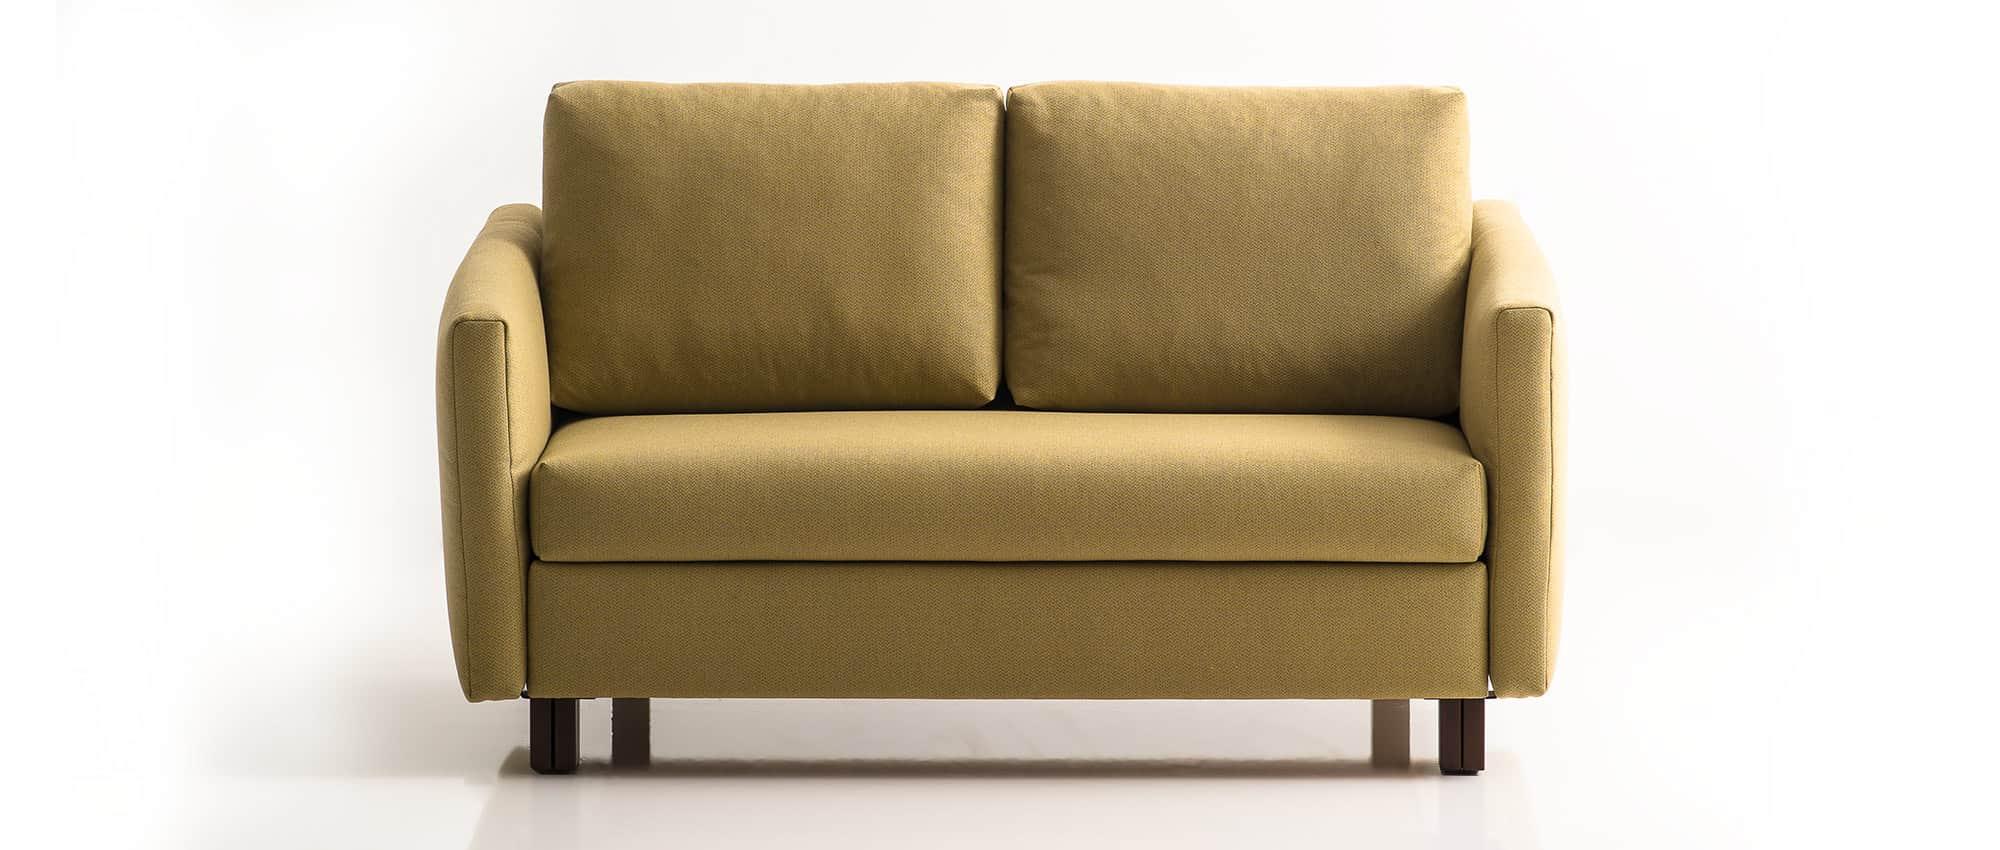 VELA Schlafsofa von Franz Fertig mit klappbaren Armlehnen in gelb. Platzsparendes Schlafsofa mit Gästebett Funktion.